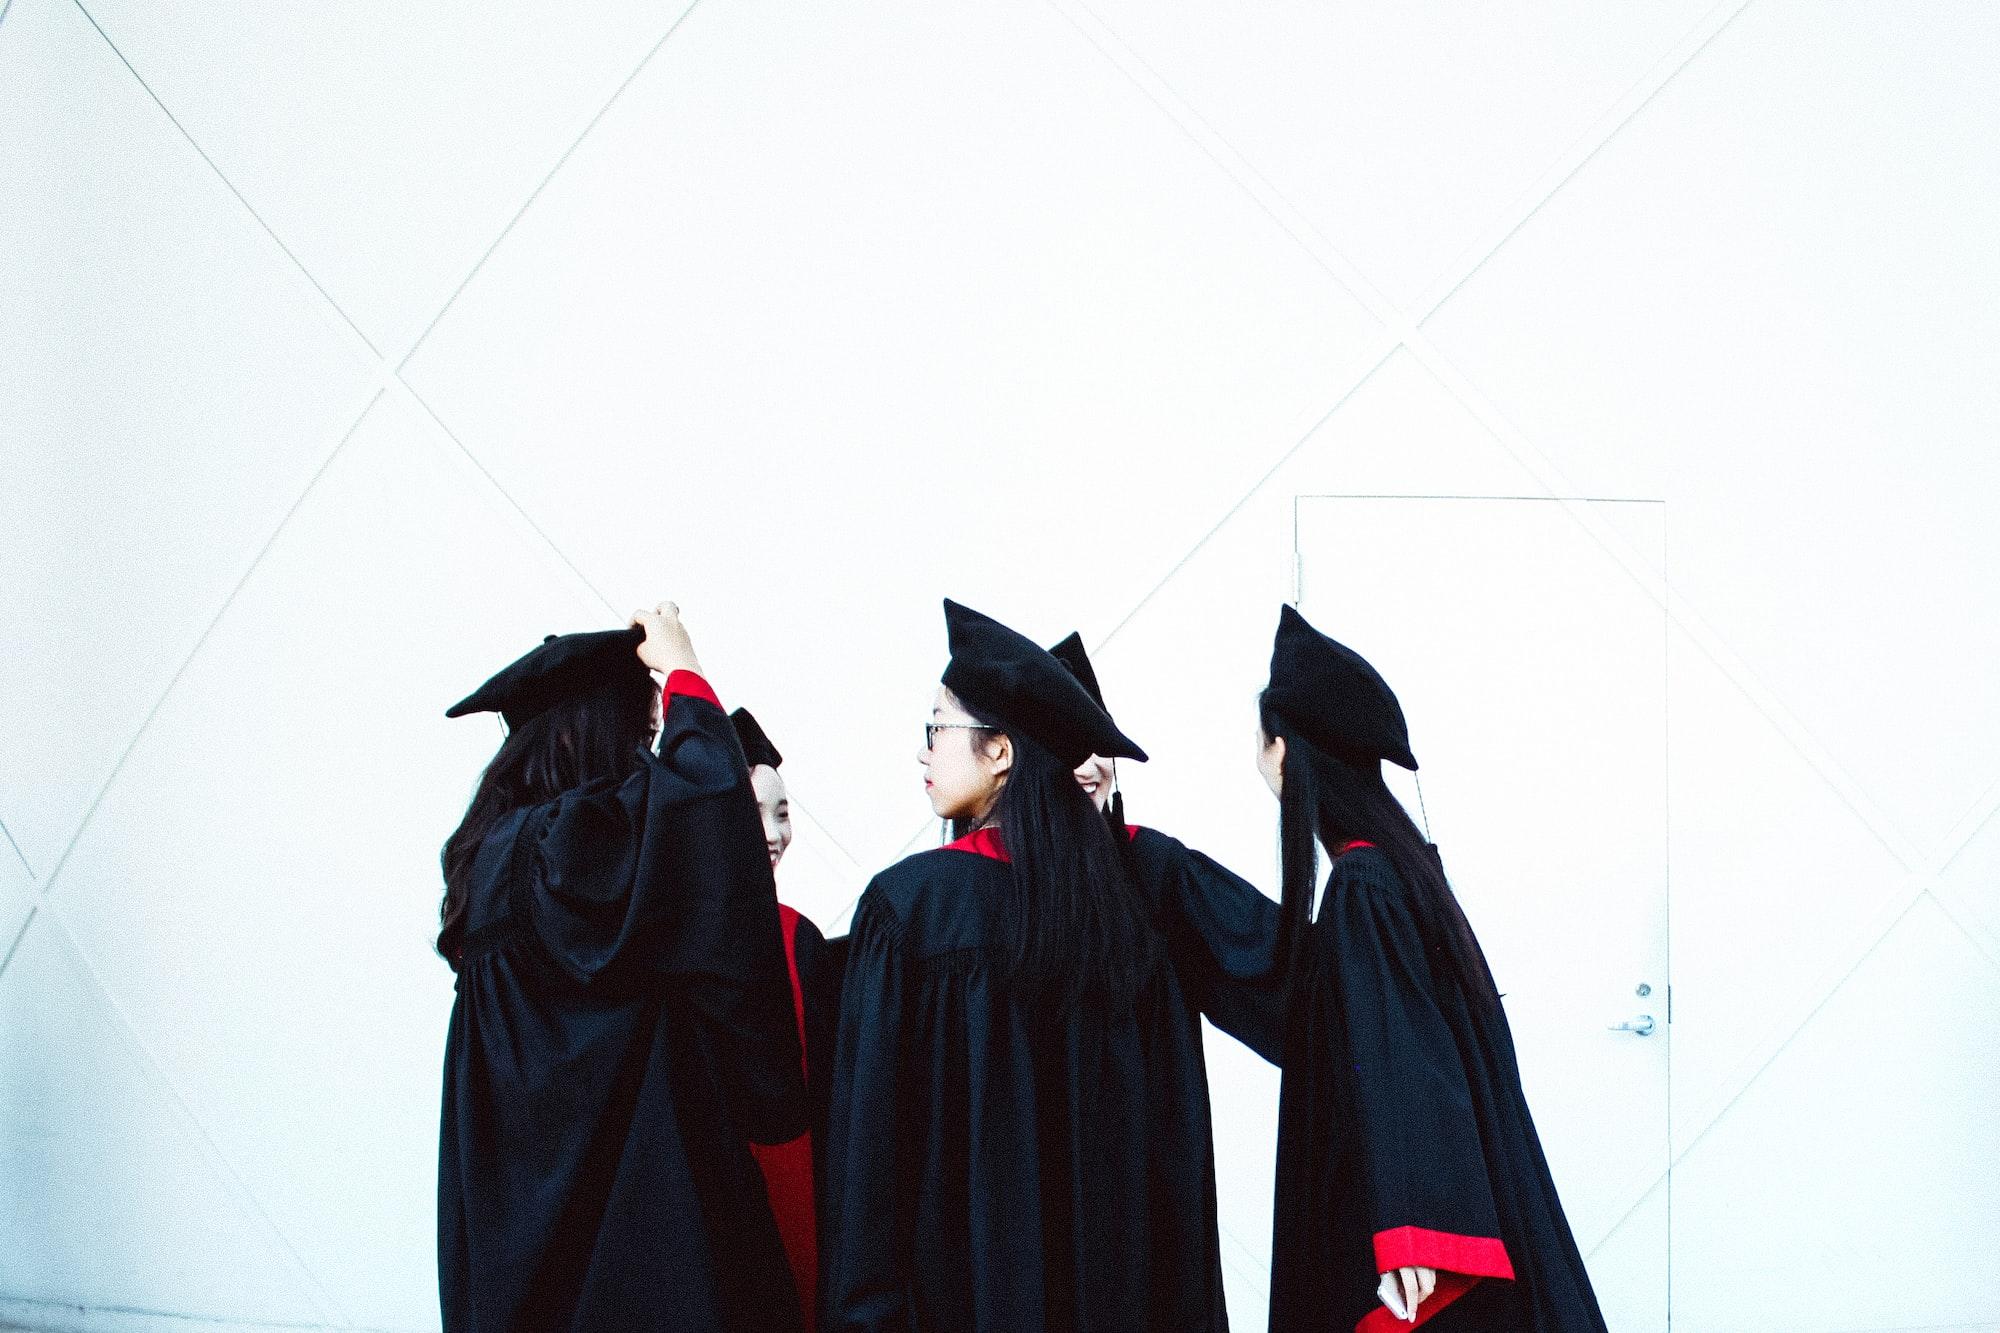 Opus Academy资优课程,辩论大师课,明星演讲戏剧课,一网打尽